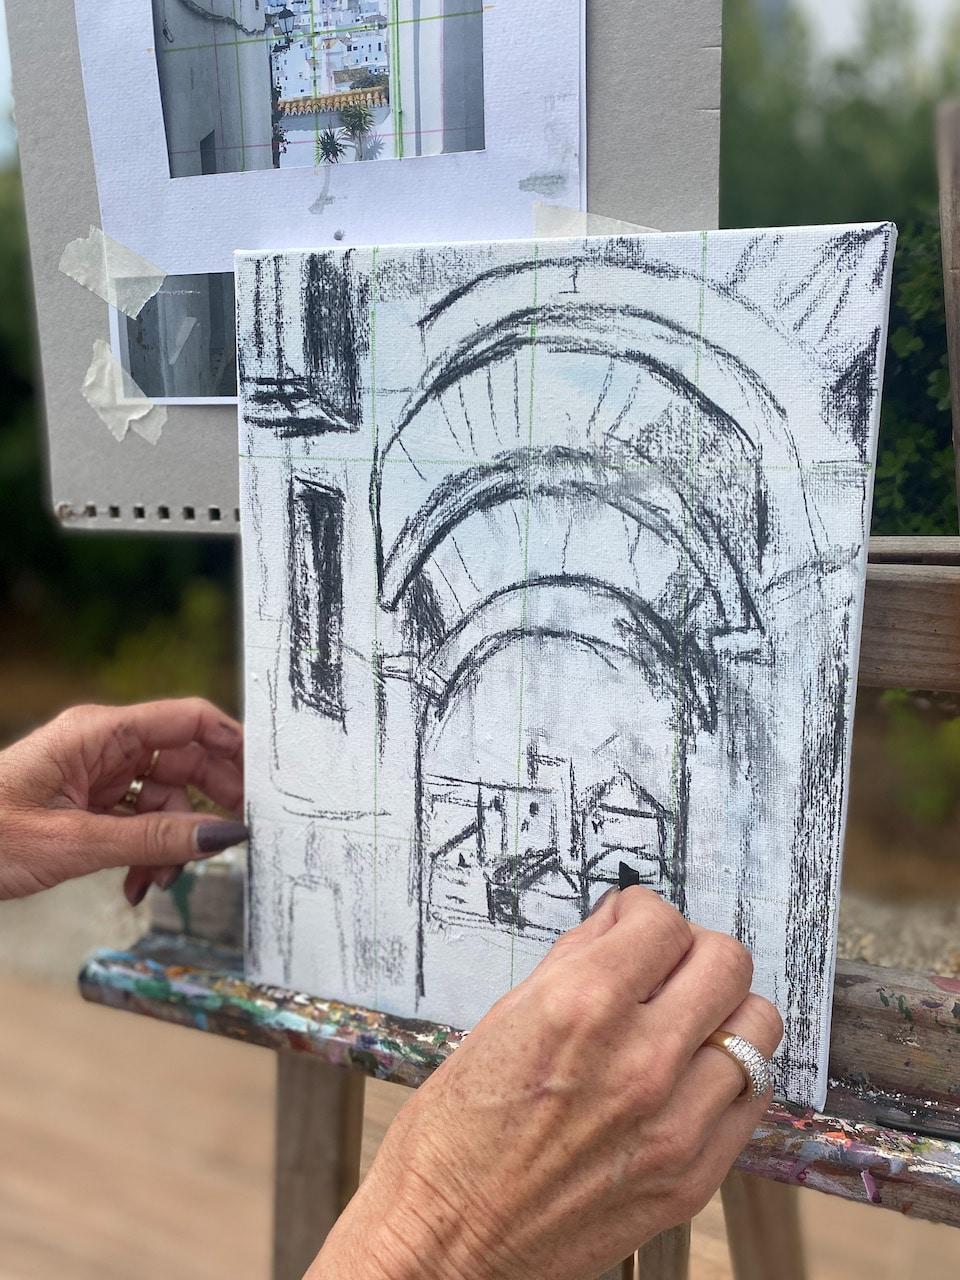 leren schilderen - schets op het schildersdoek